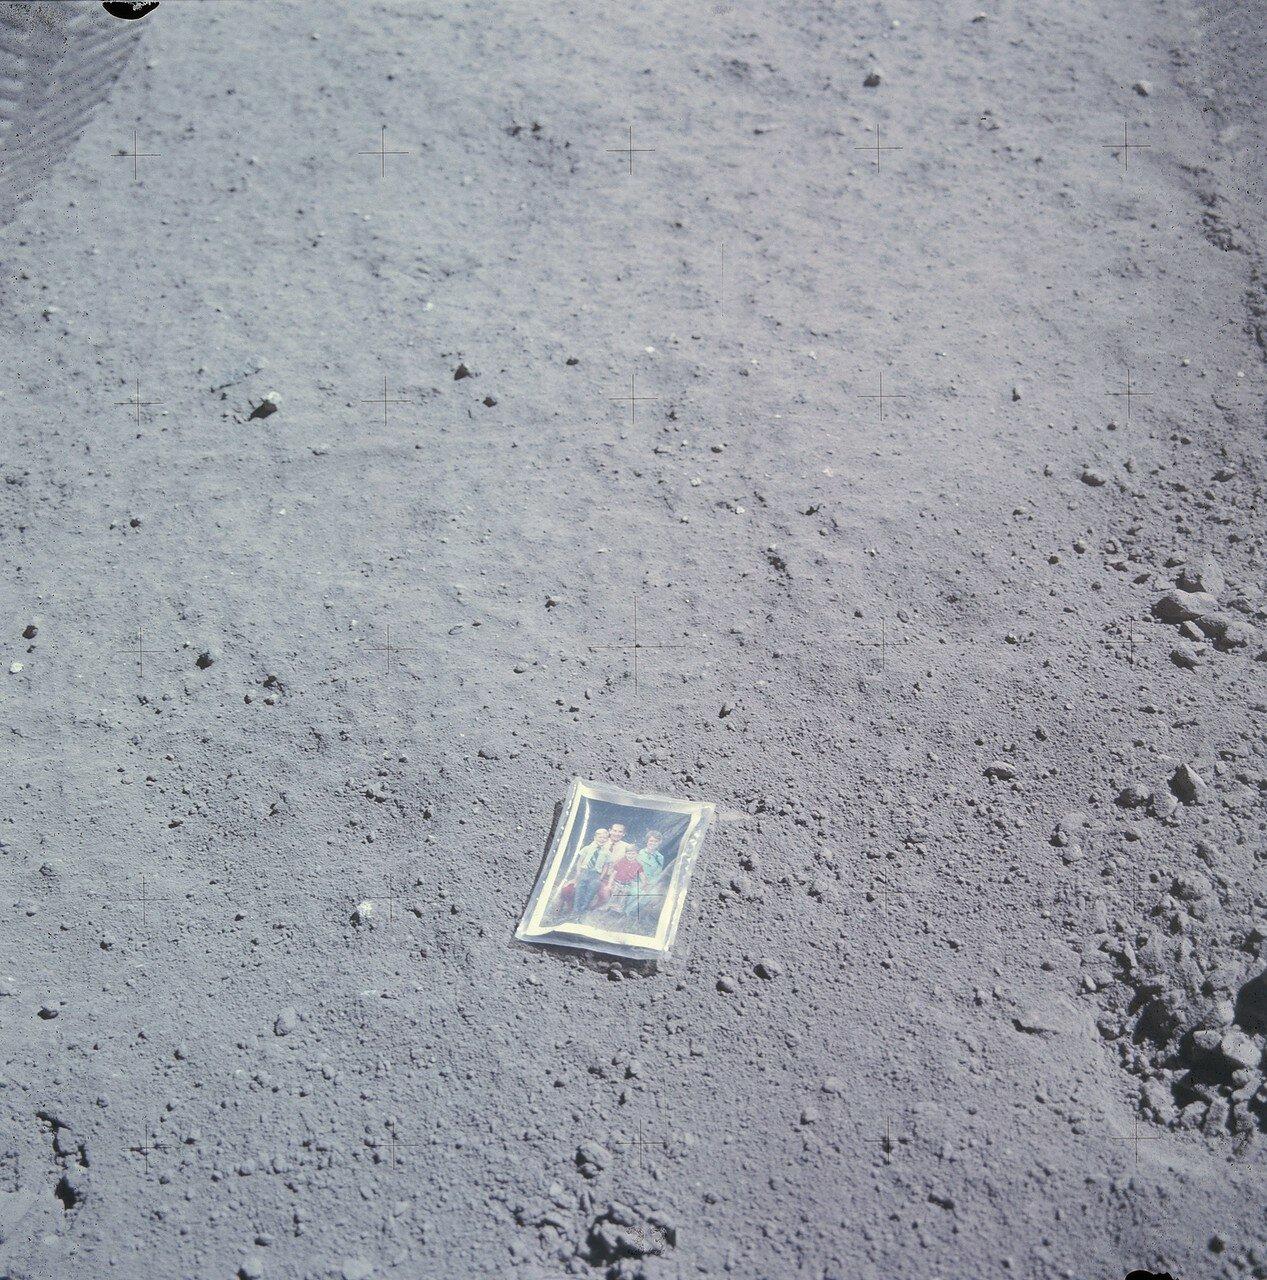 Так  же Дьюк положил на лунный грунт фотографию своей семьи. На снимке: Фото семьи Дьюка Чарли с женой Дотти и сыновьями Чарльзом и Томасом